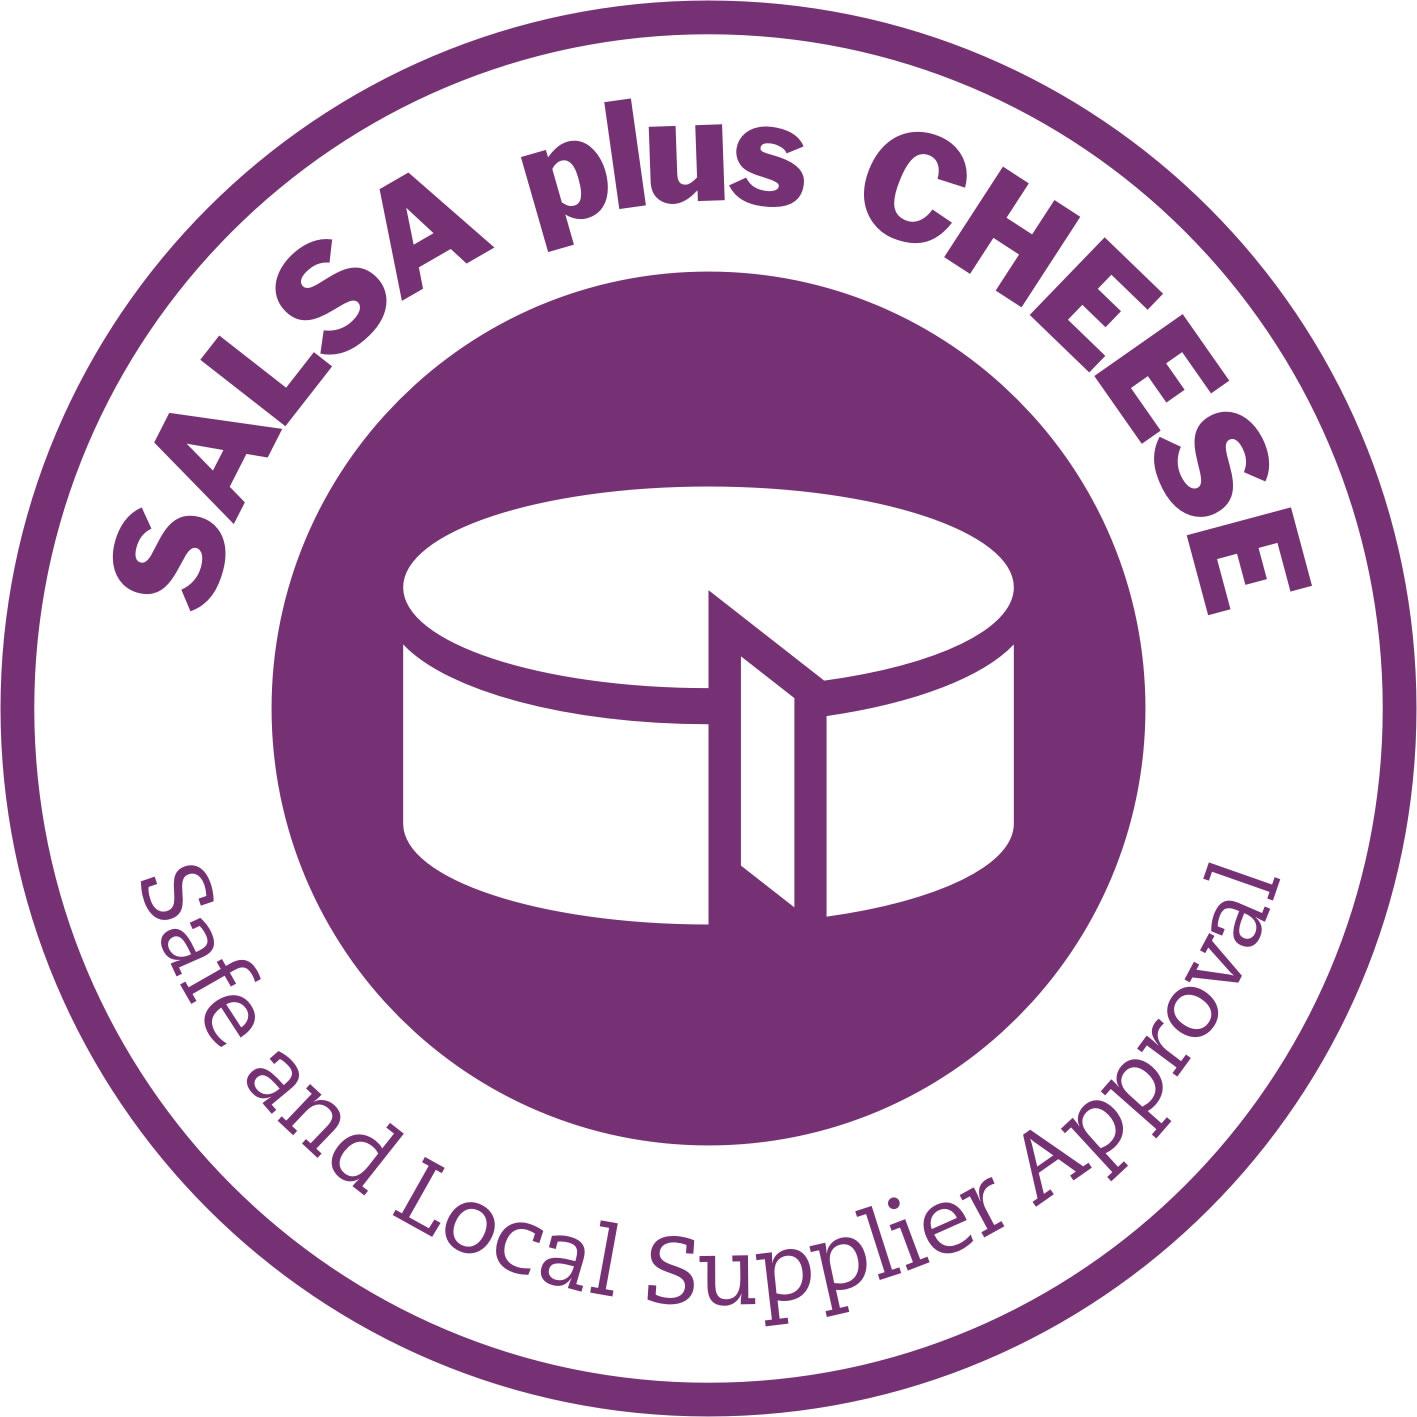 SALSA Plus Cheese